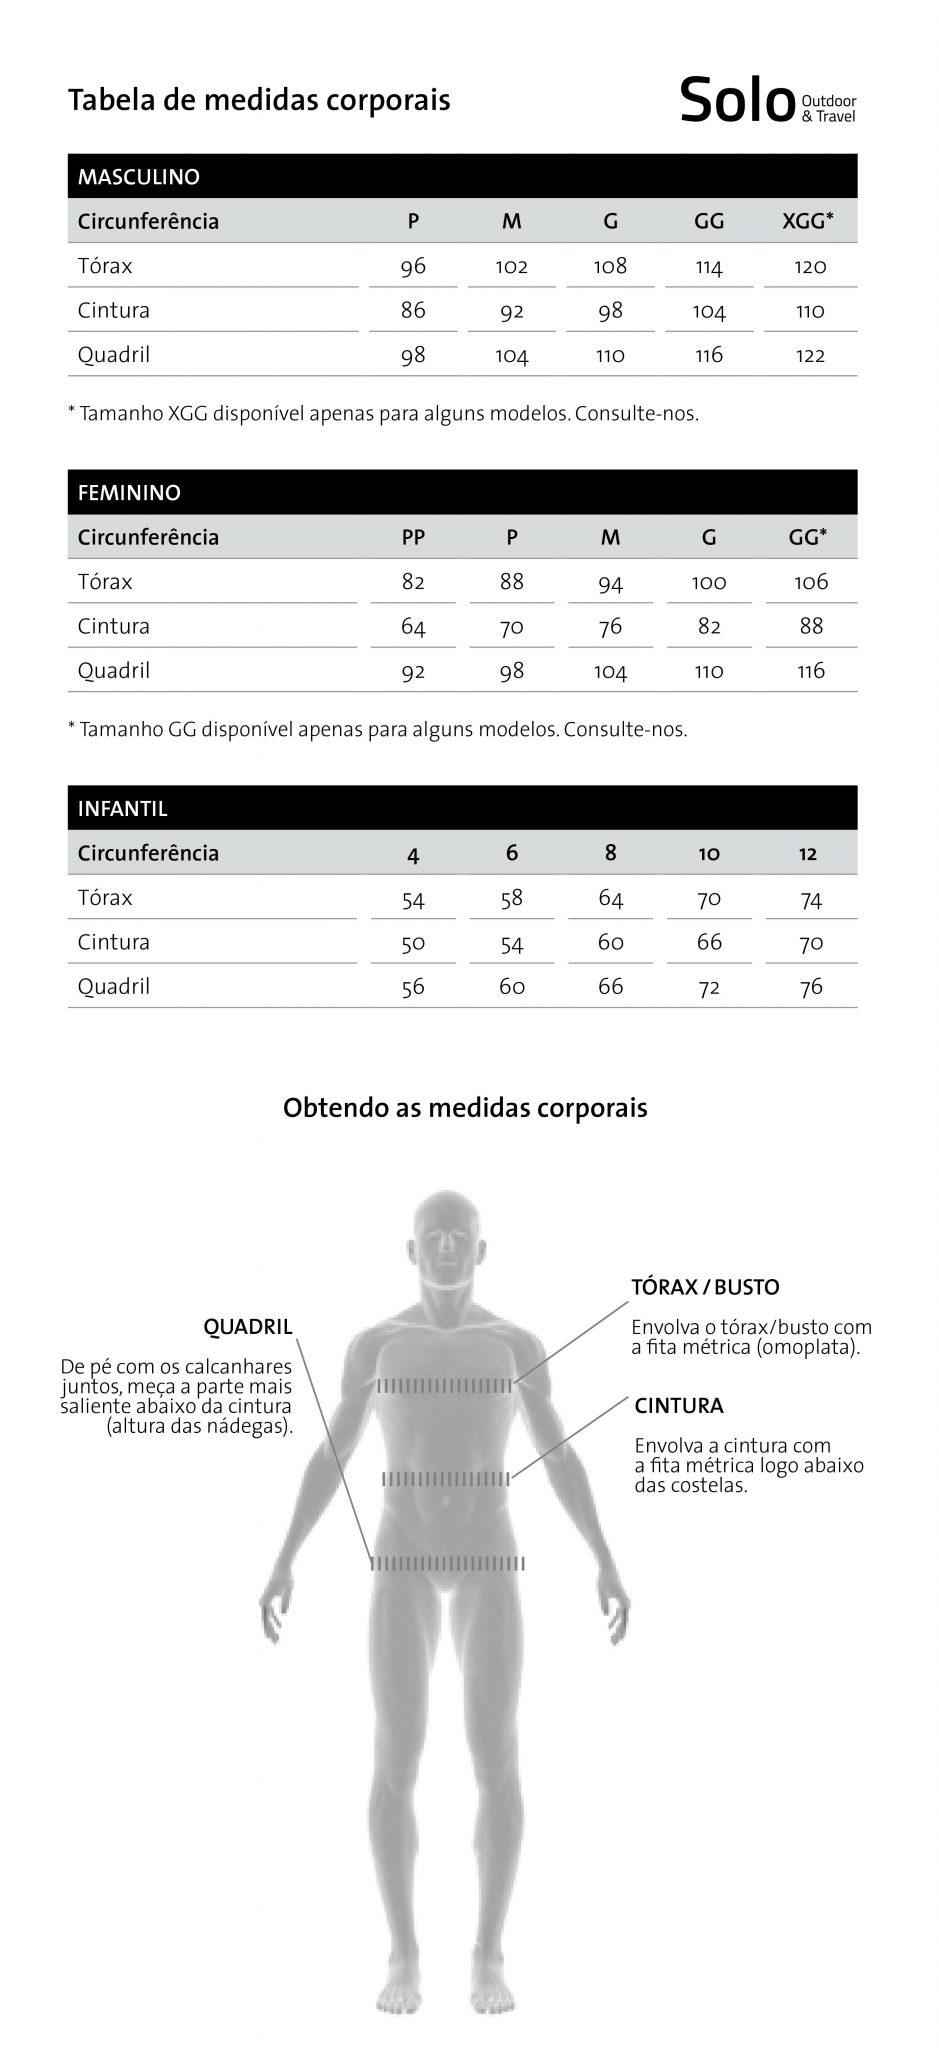 Tabela de Medidas Corporais | Solo Outdoor & Travel